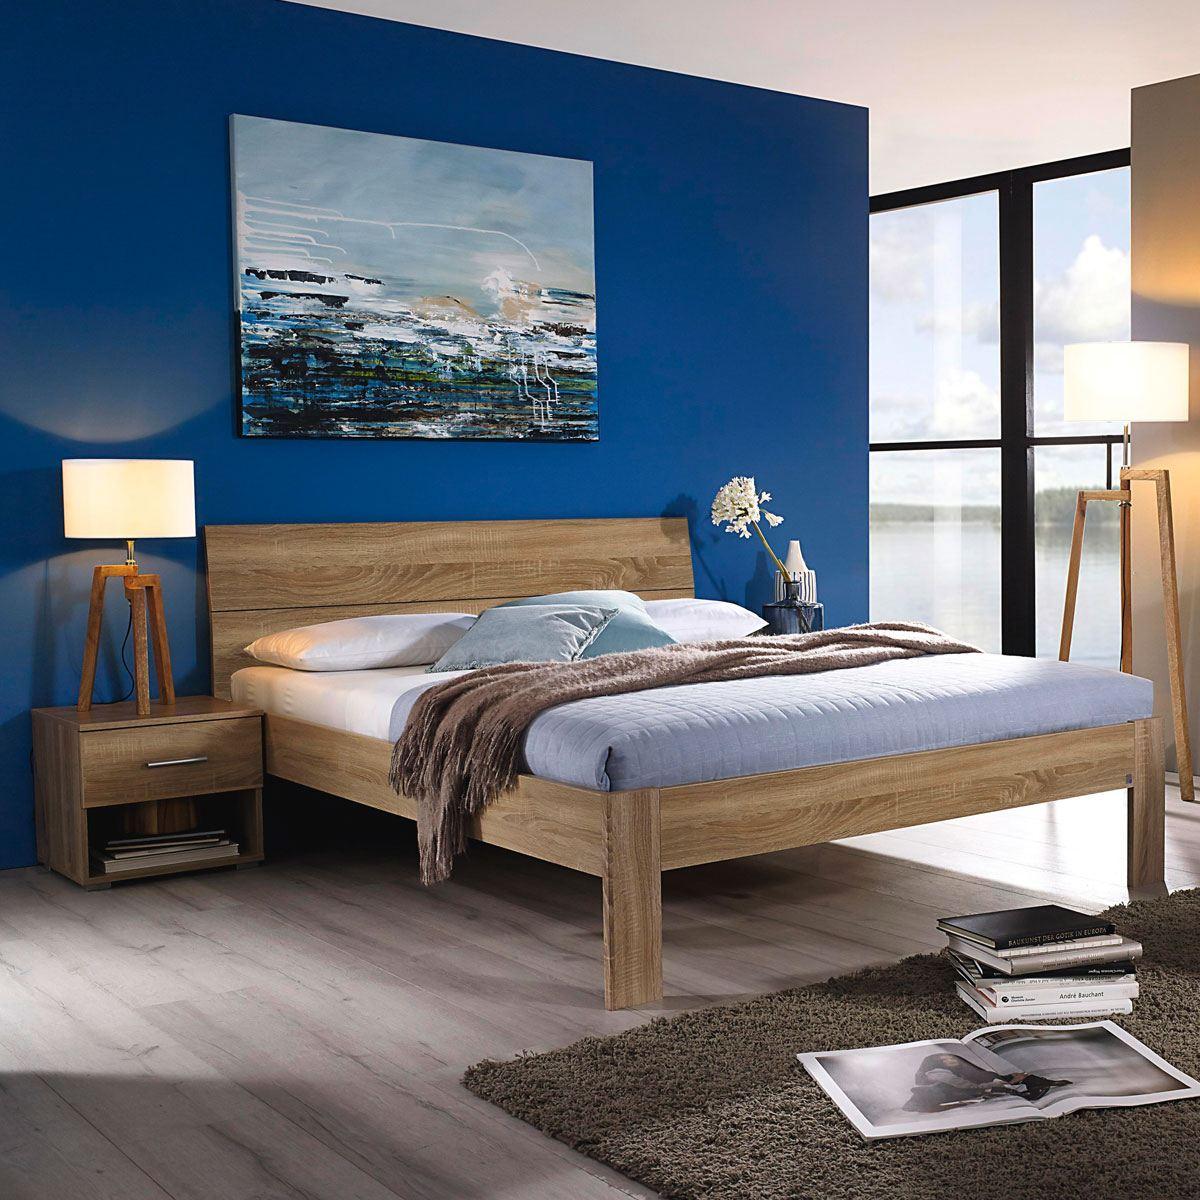 Rauch Packs Flexx Bett in Dekor- Druck Eiche Sonoma Liegefläche wählbar  optional mit passenden nachttisch und Kommode